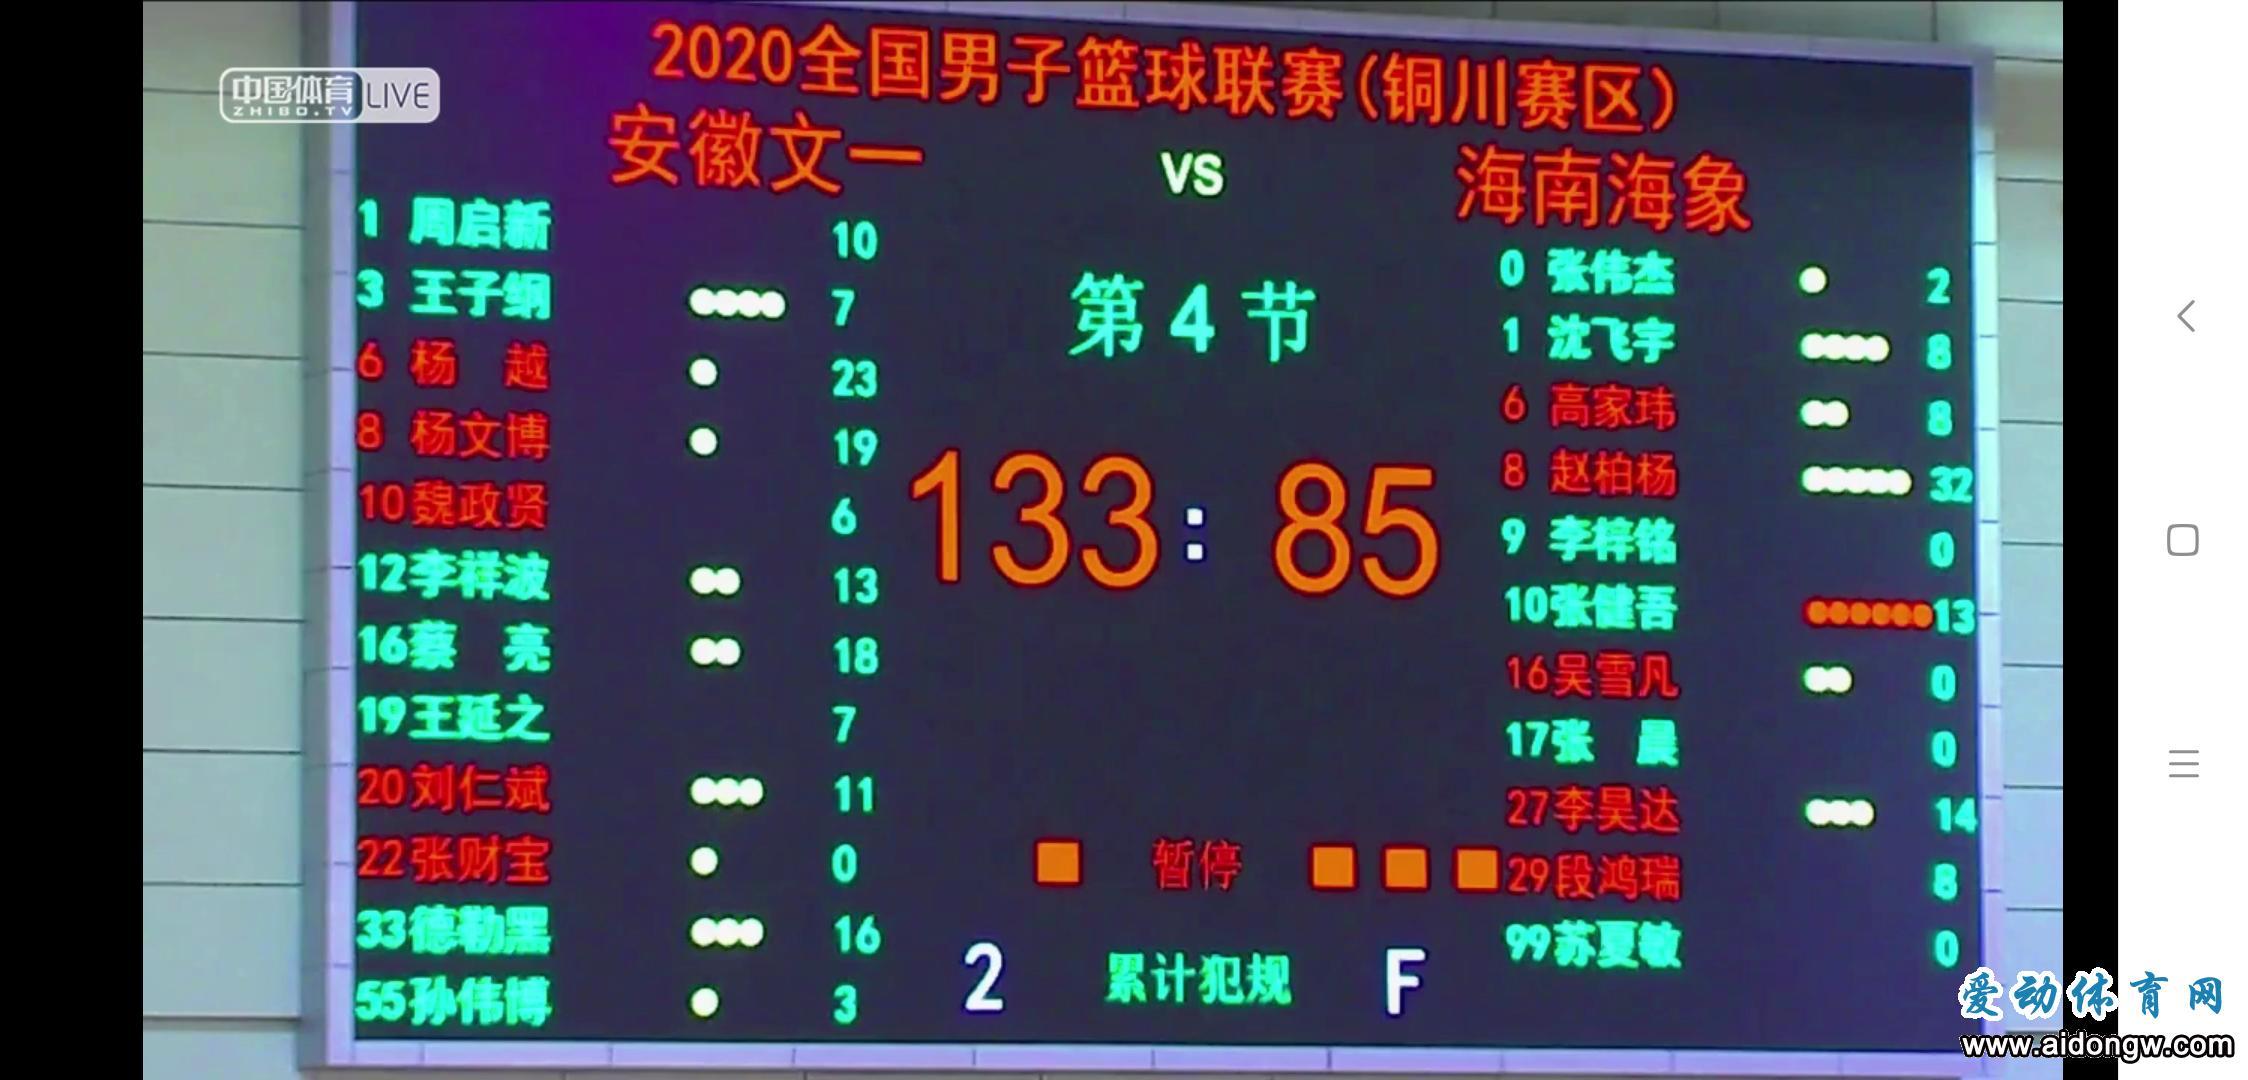 海南海象85:133不敌安徽文一,赵柏杨得全场最高32分